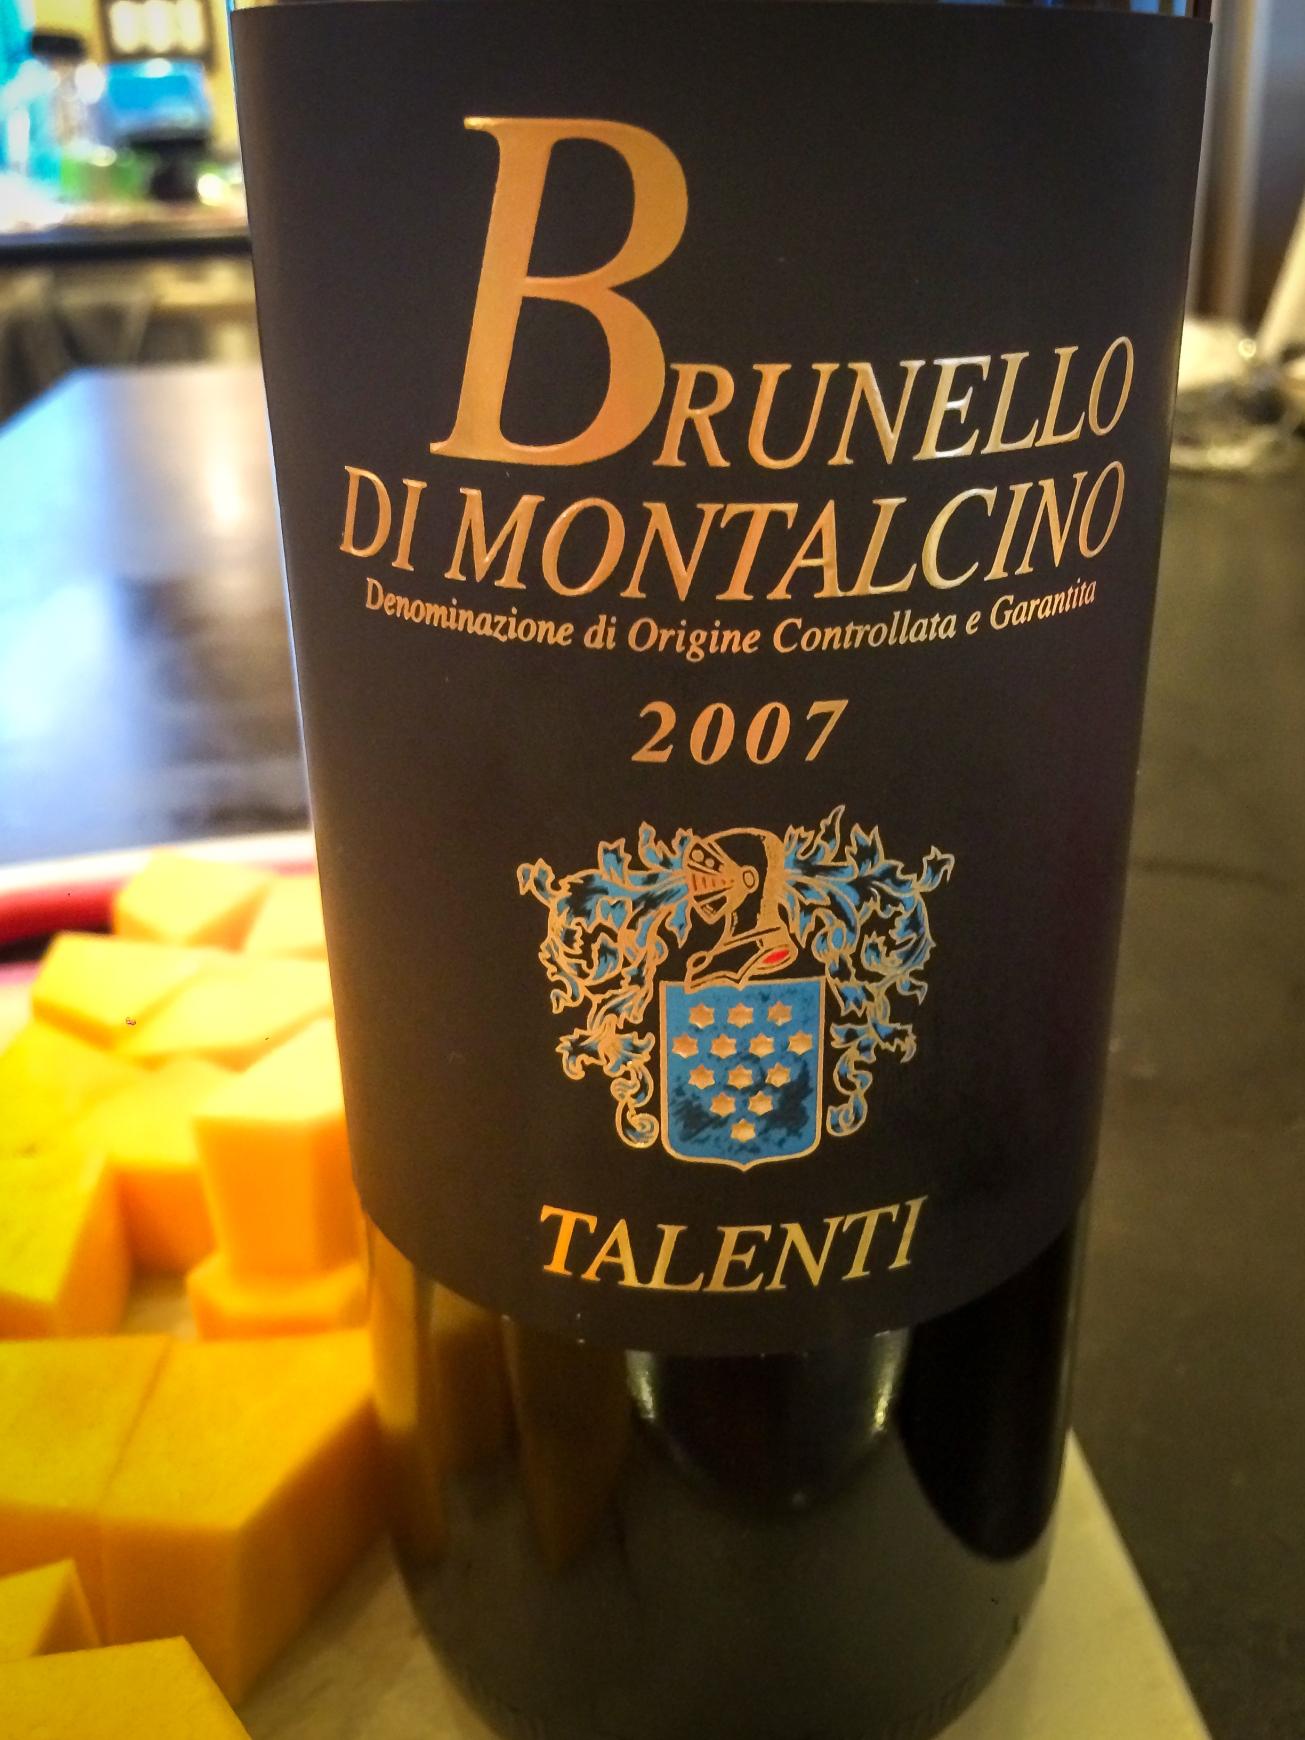 2007 Talenti Brunello di Montalcino